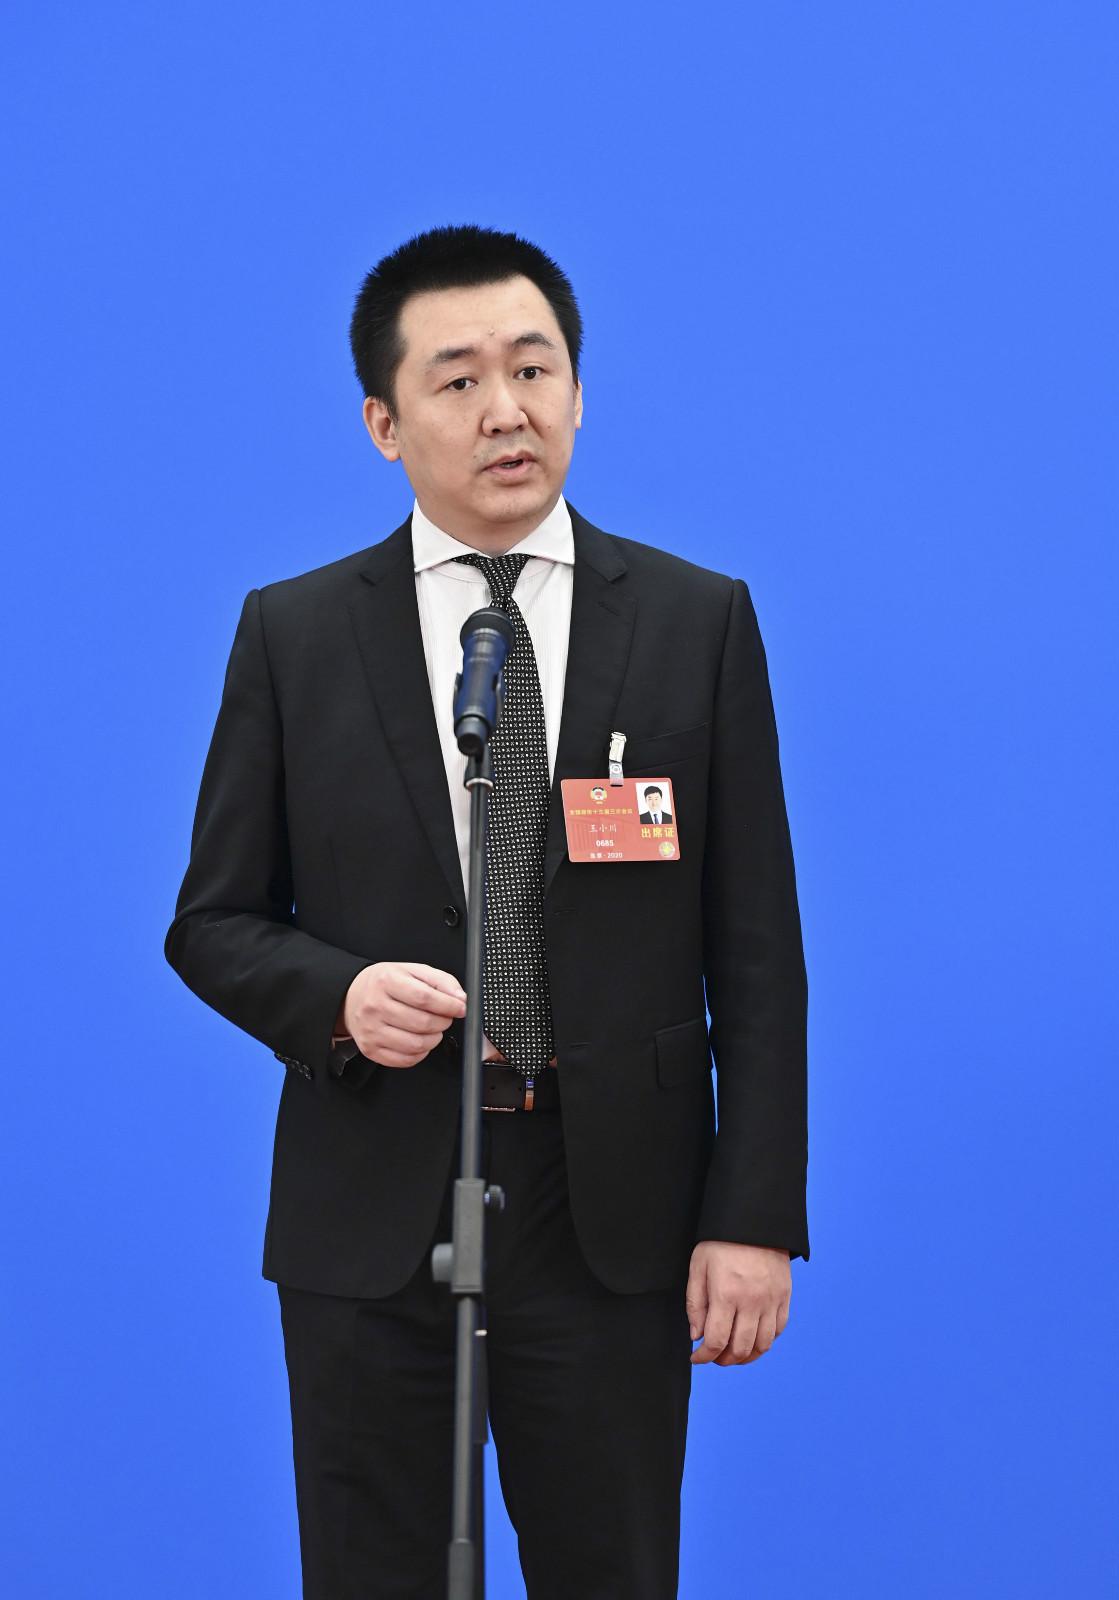 全国政协委员、搜狗CEO王小川:疫情防控成为互联网公司数字化转型加速剂